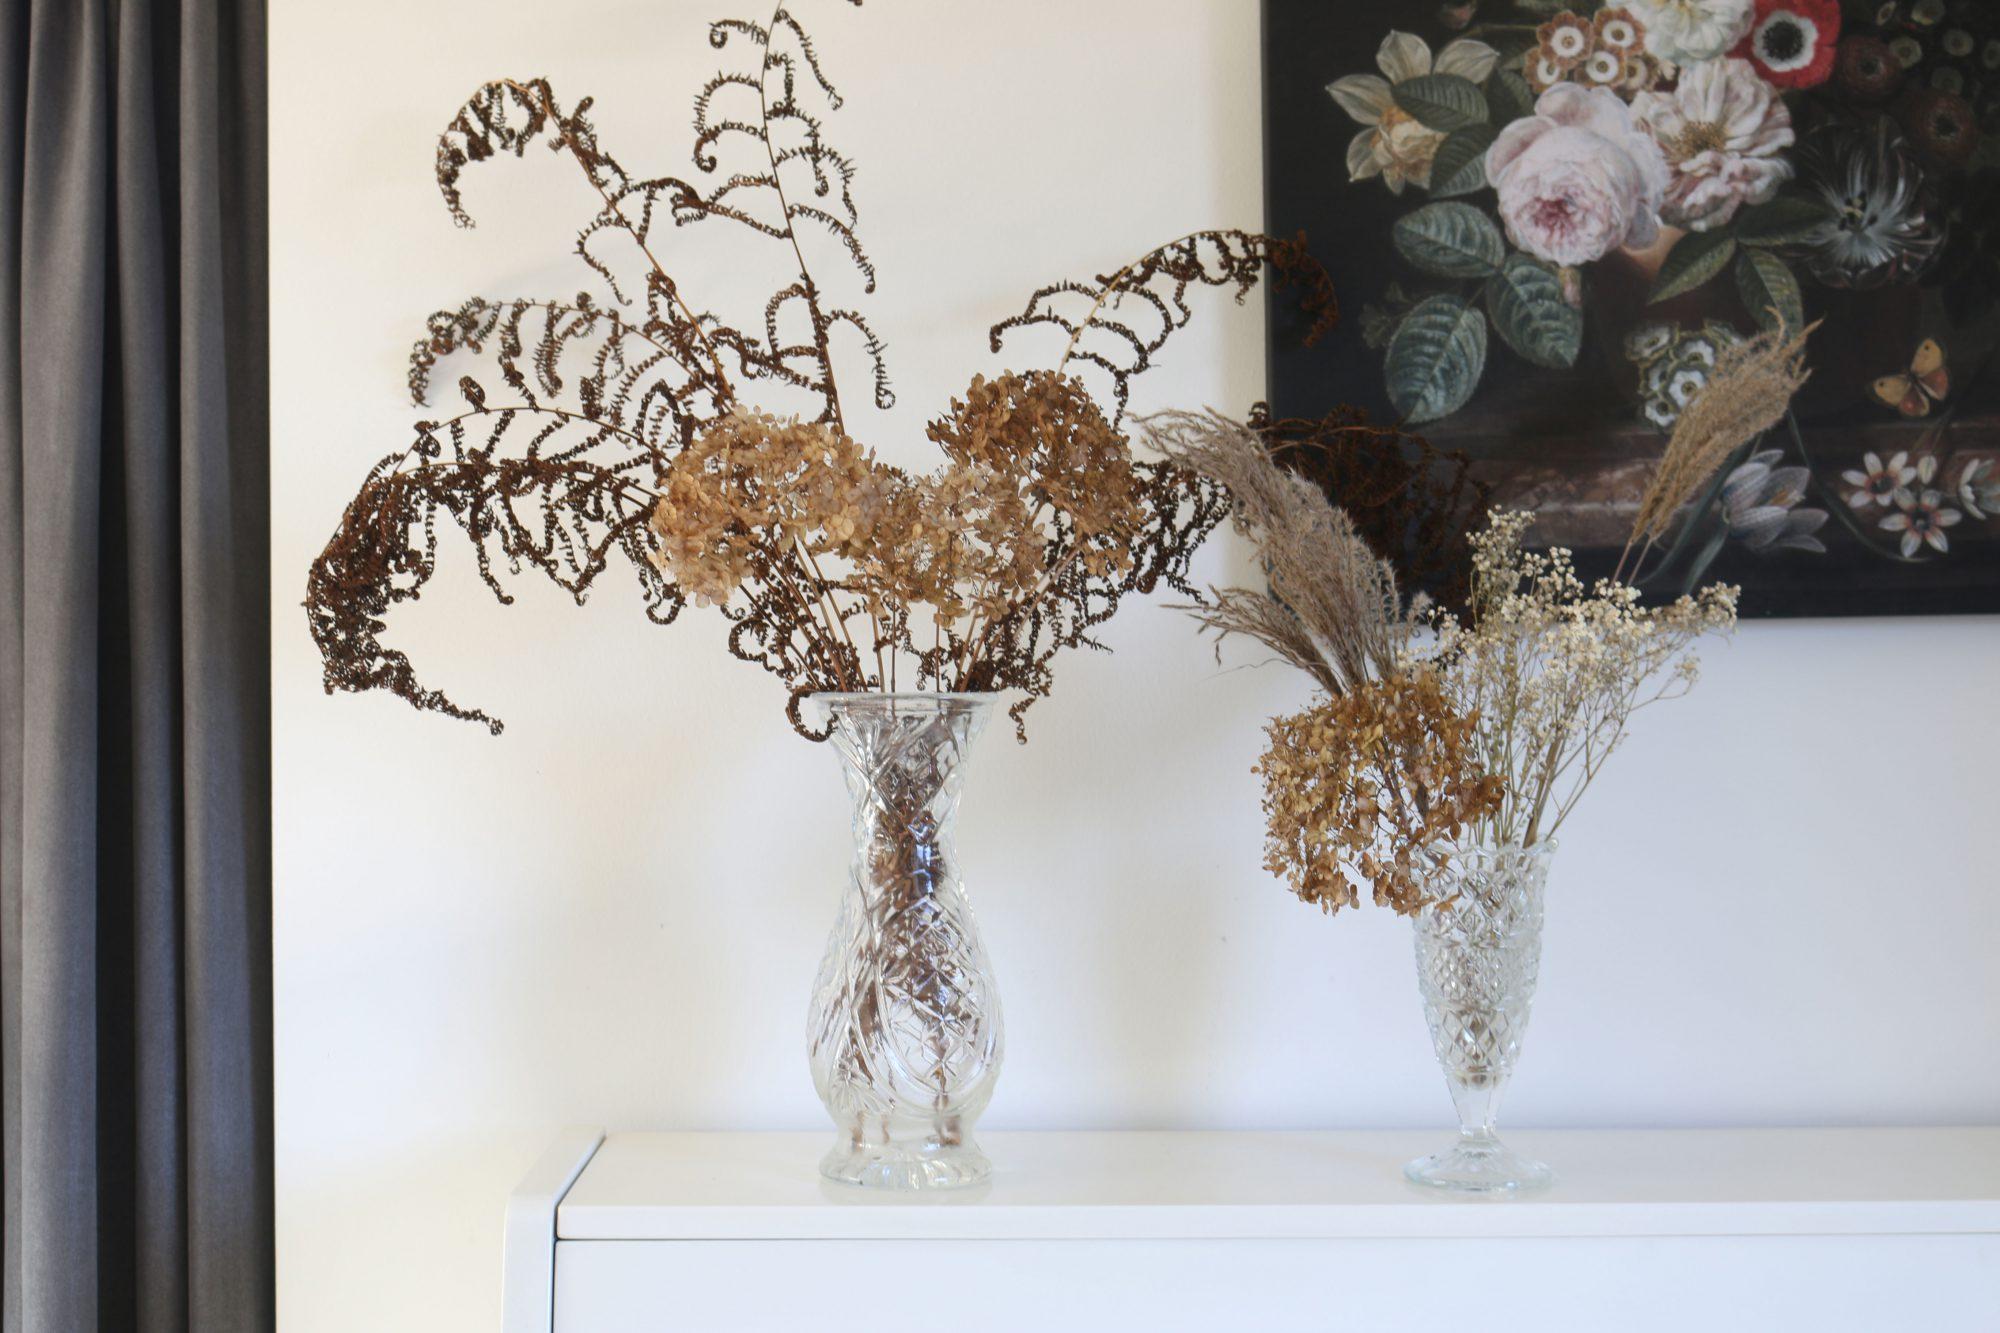 duurzame droogbloemen in de woonkamer